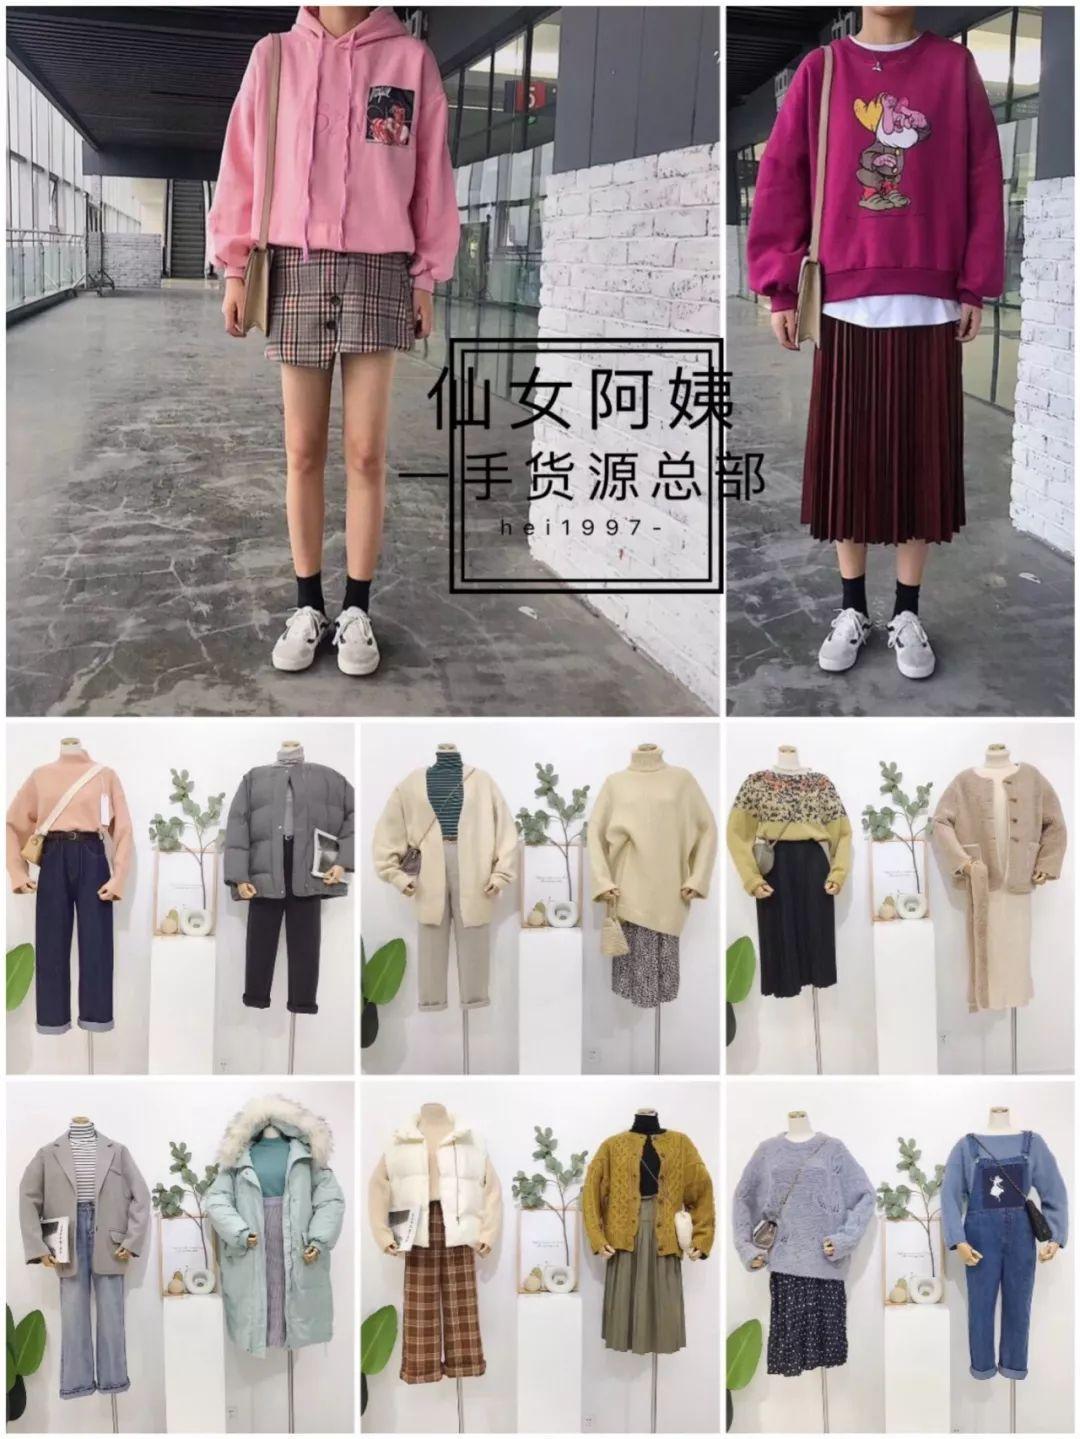 廠家女裝童裝飾品貨源一件代發,提供4種免費代理,承接優質一手貨源推廣。